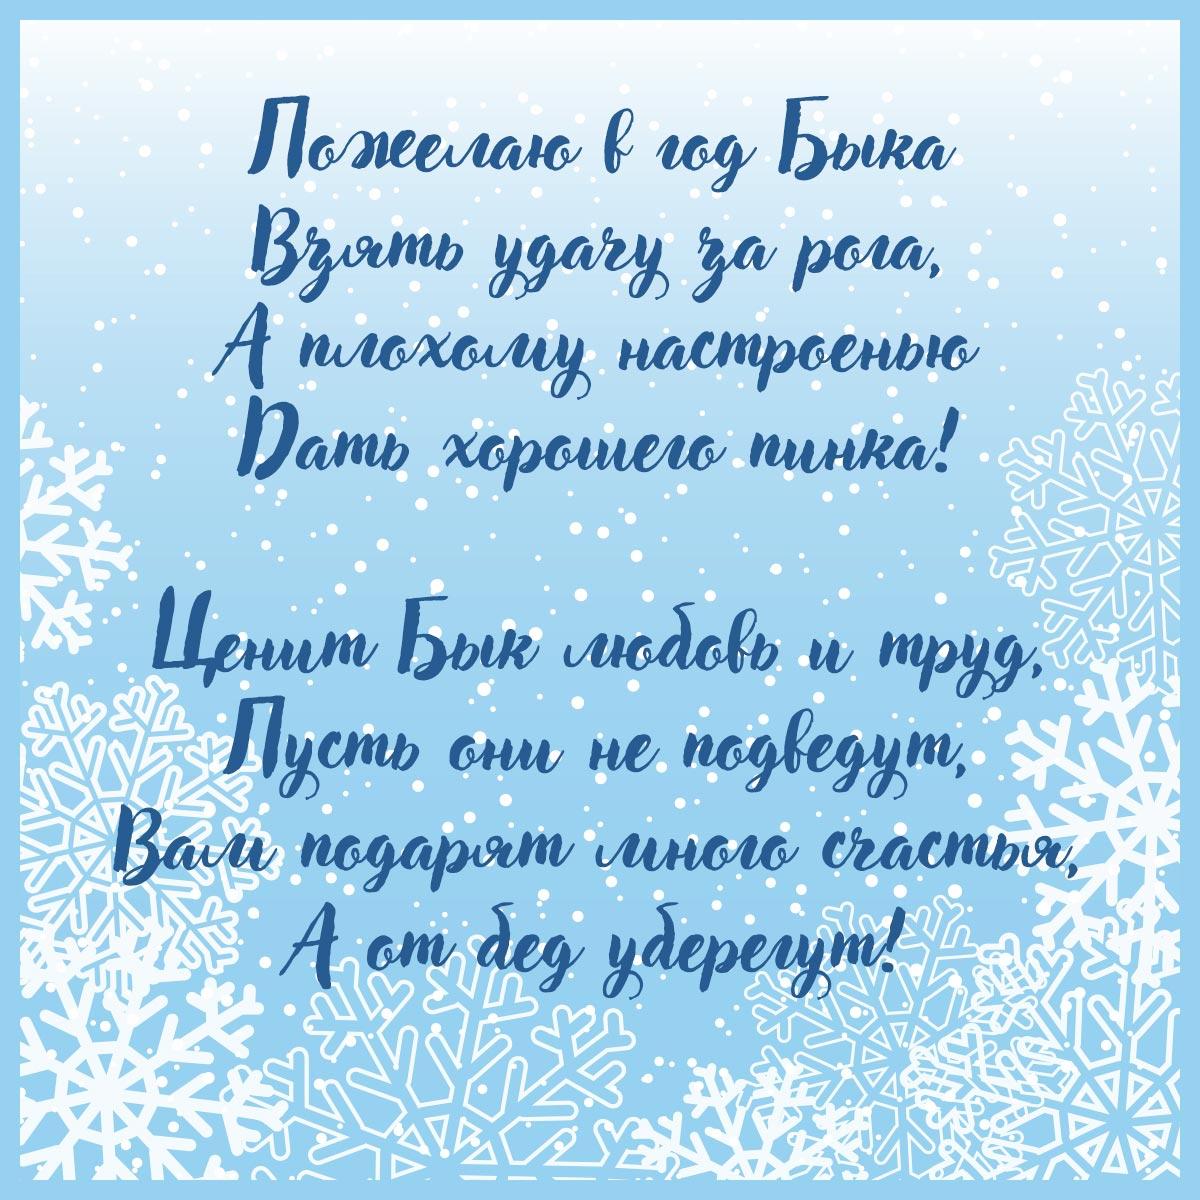 Рукописный текст пожелания на голубом фоне с белыми снежинками.